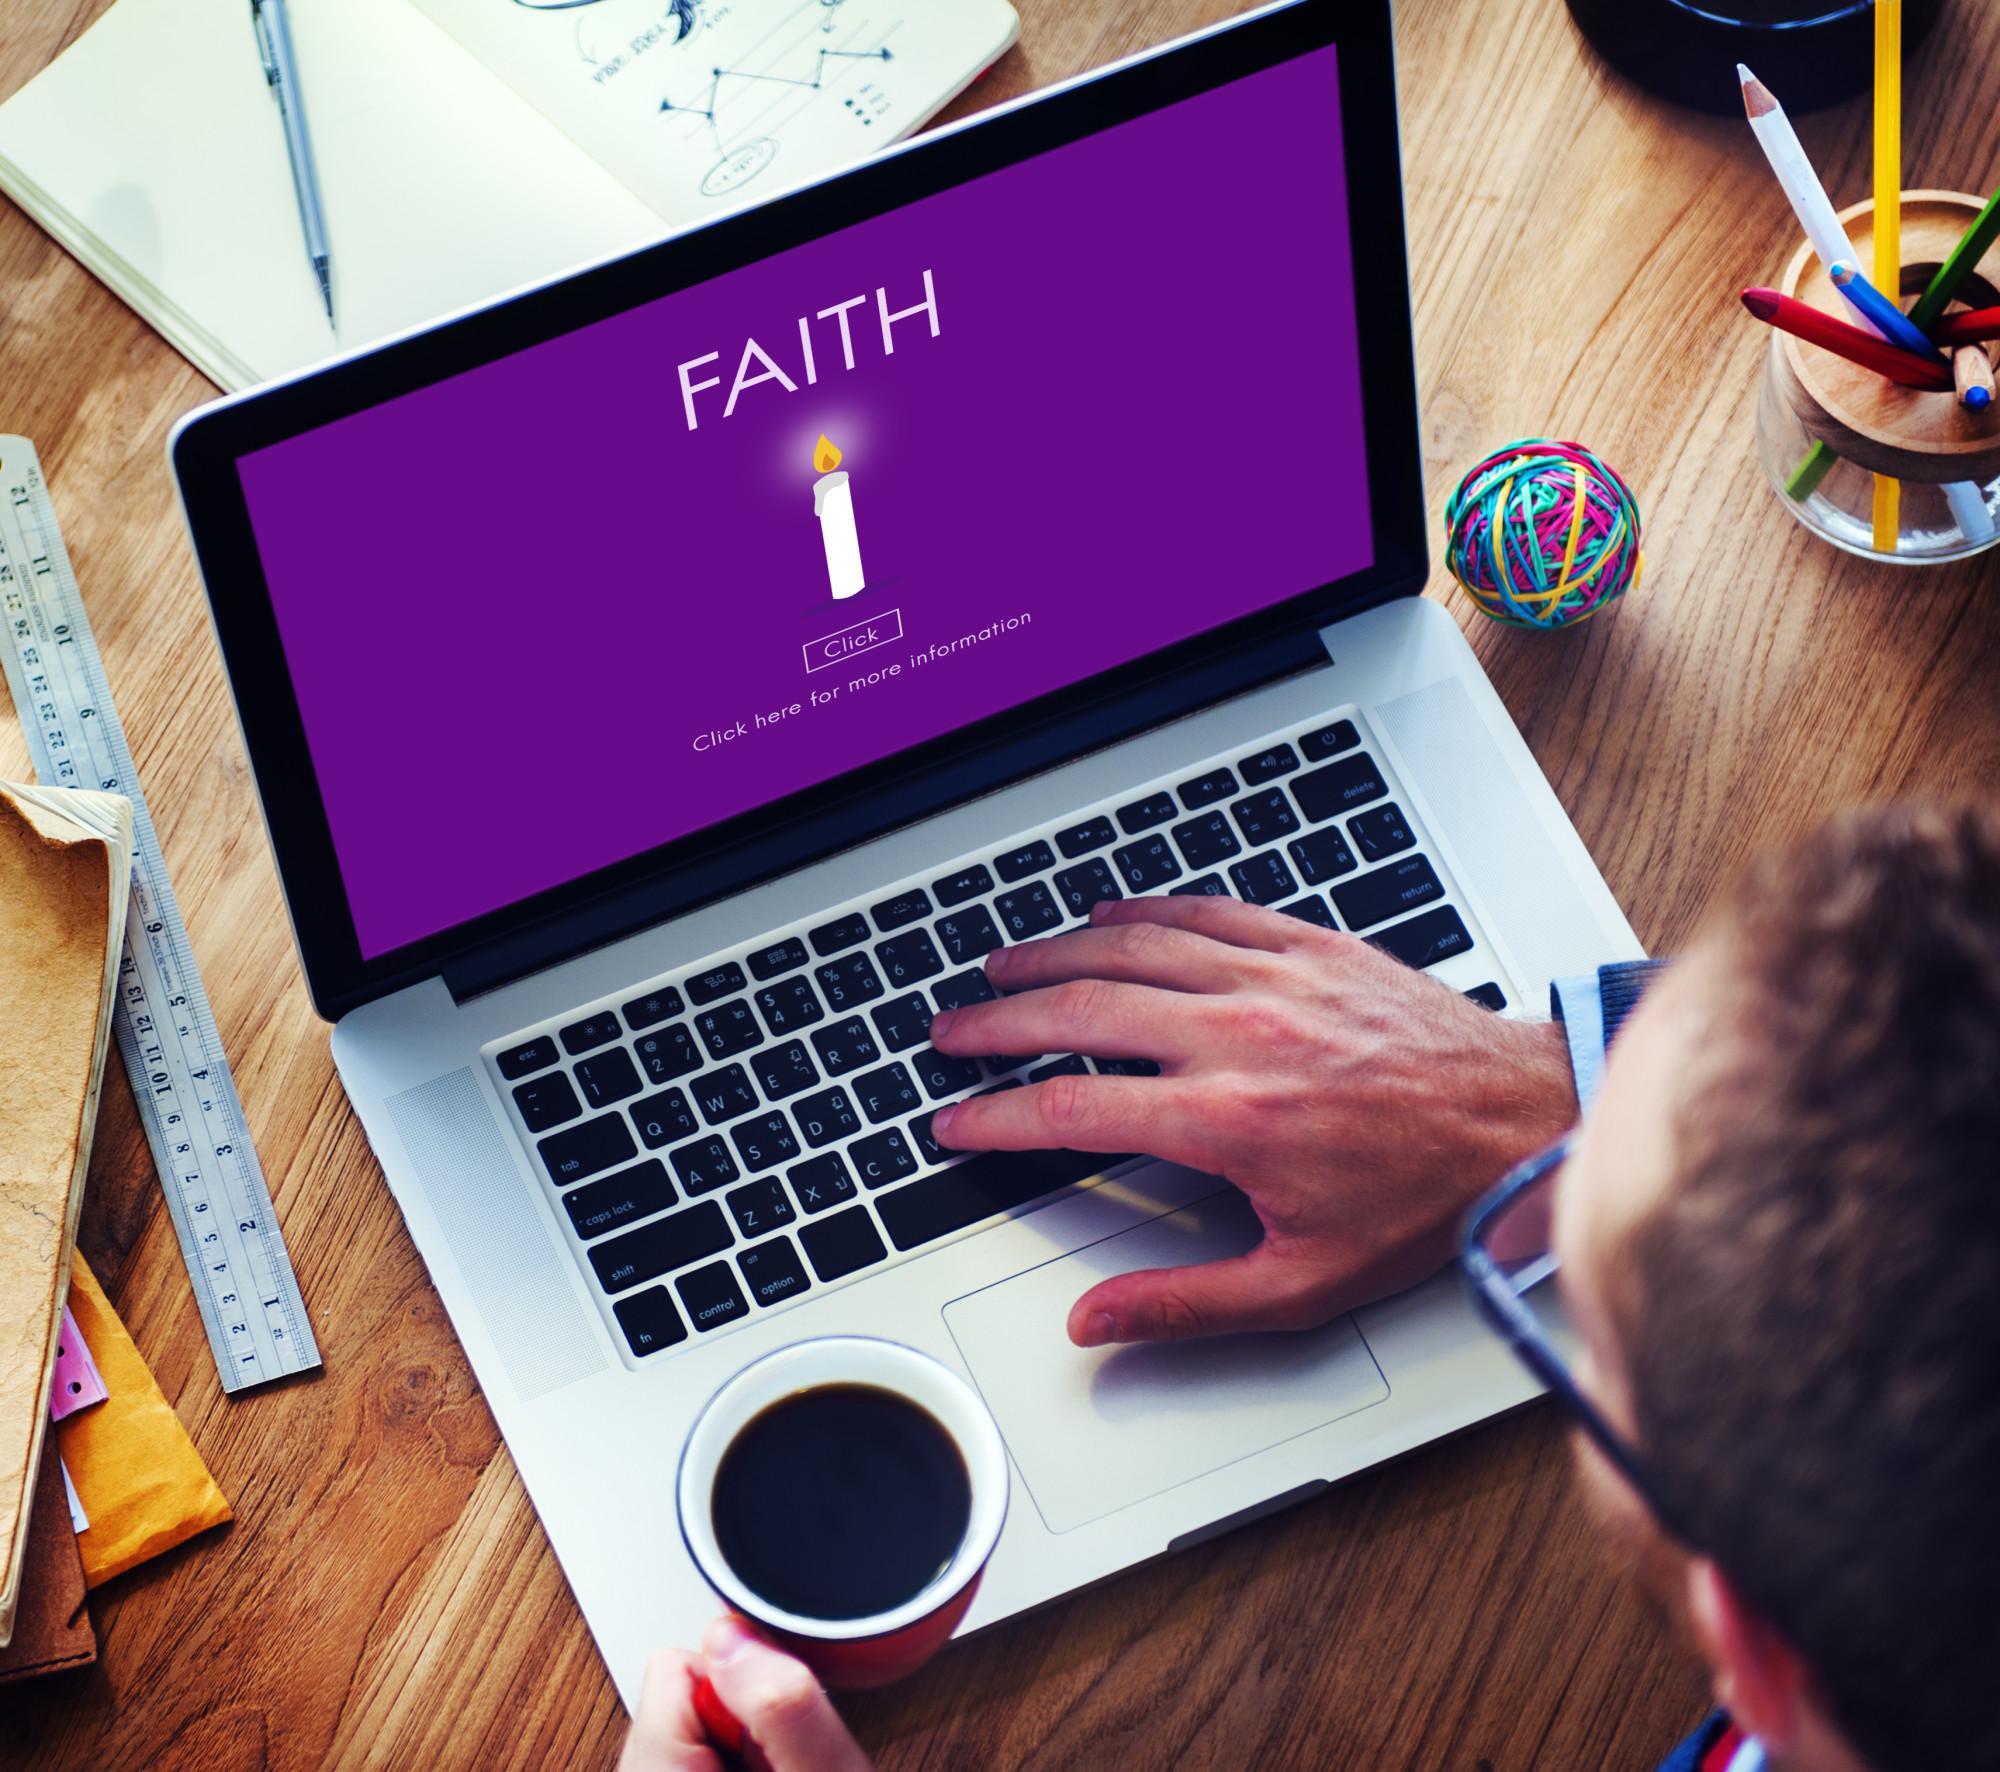 faith on laptop